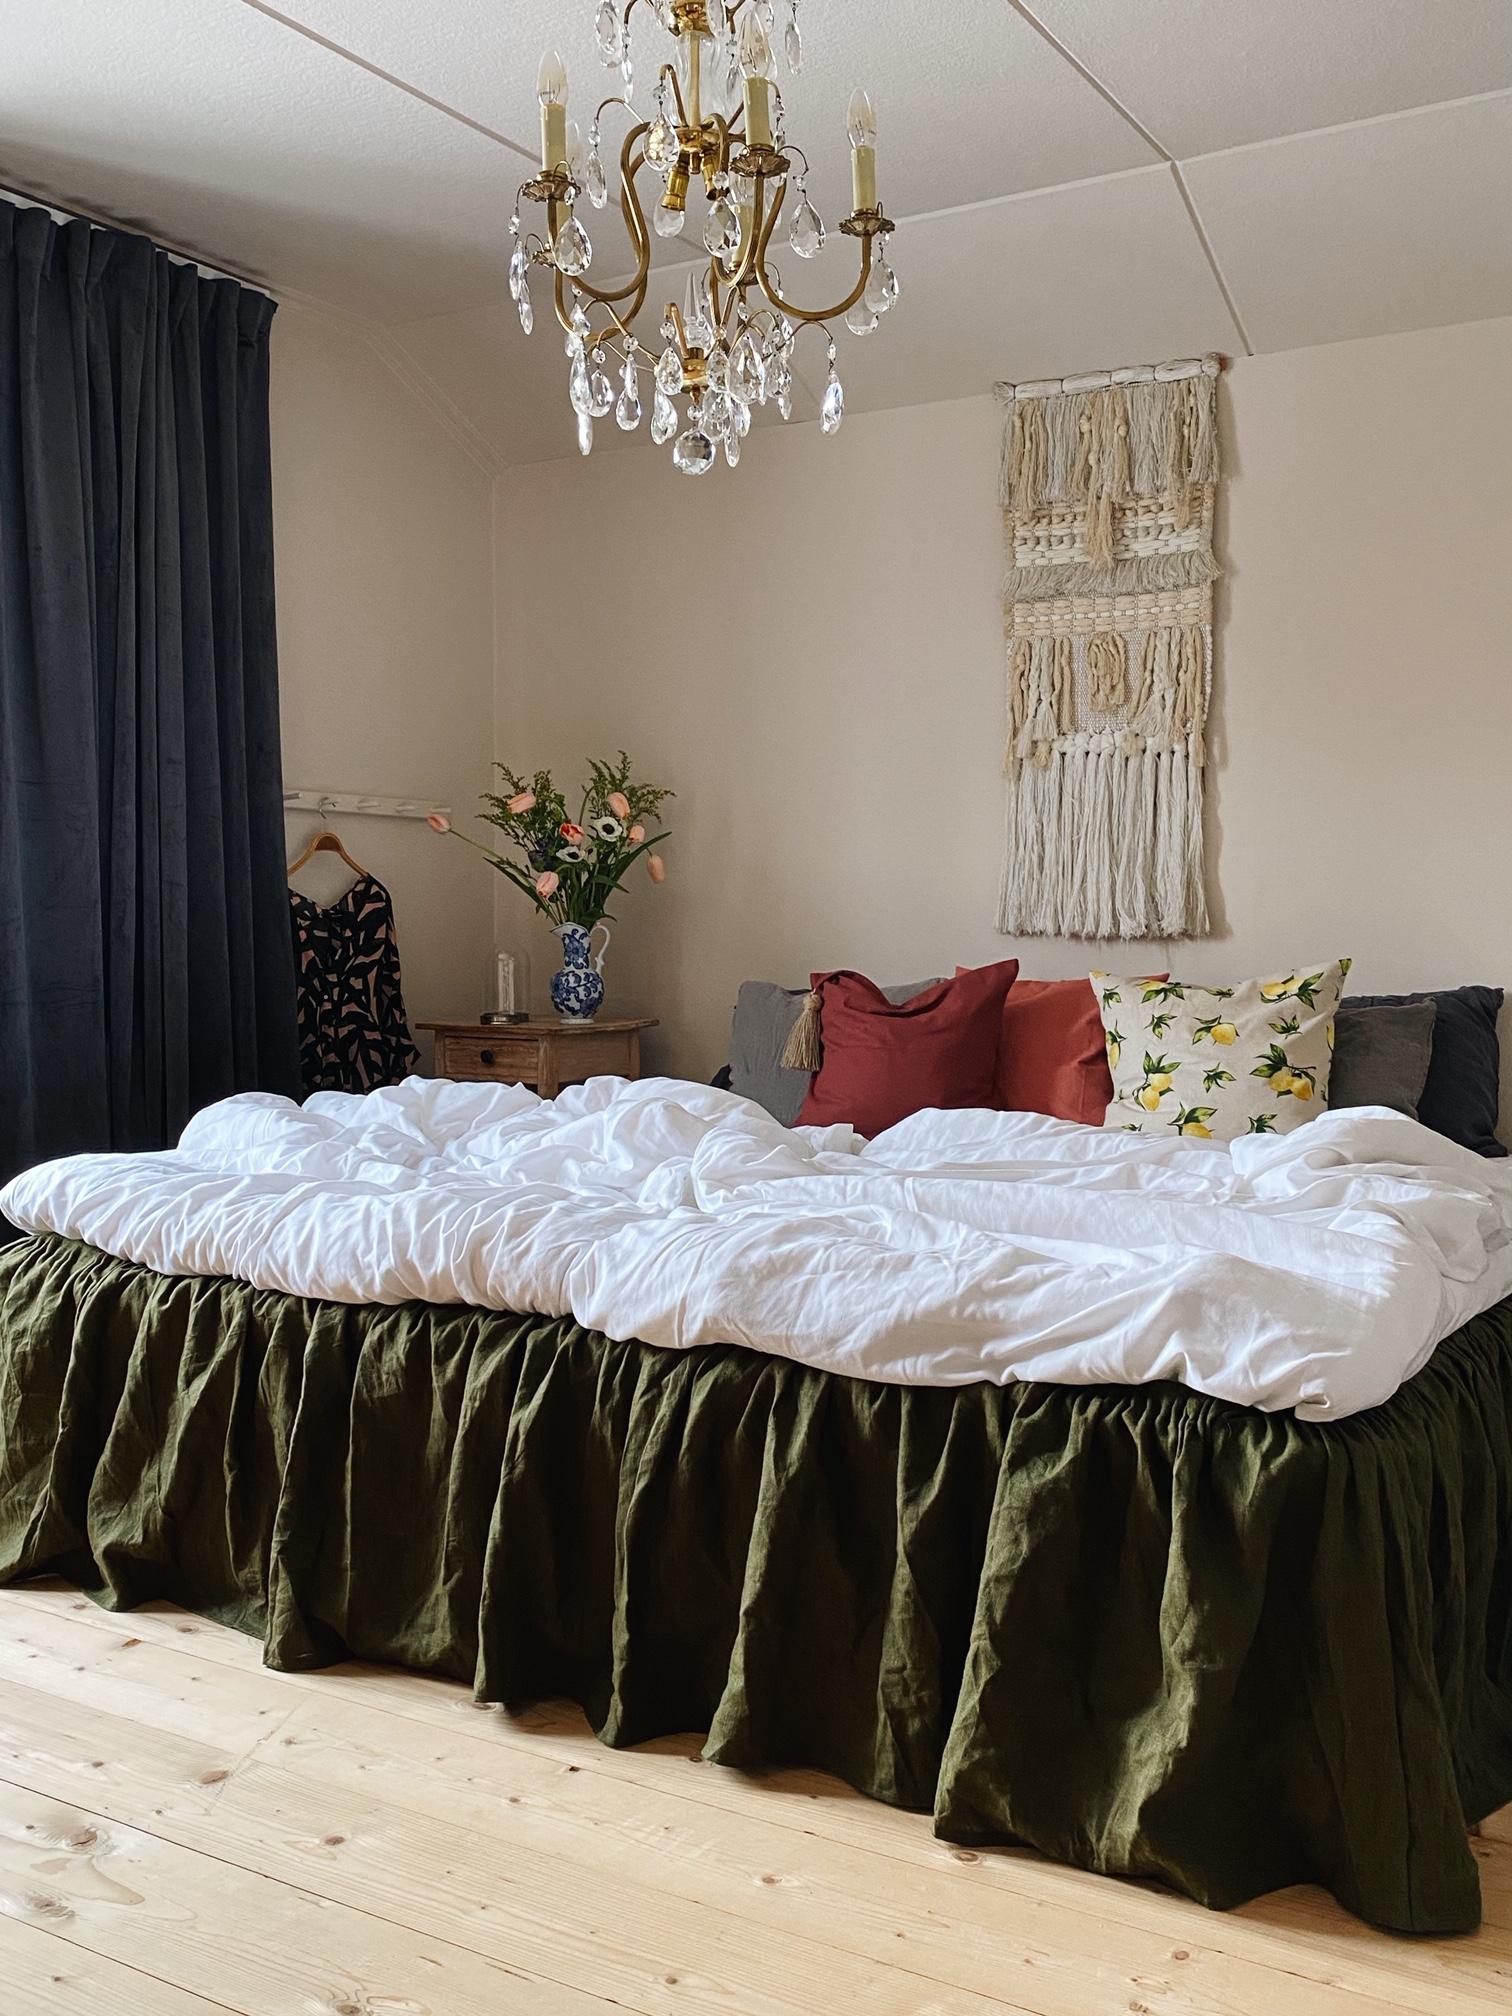 Kan man sy en egen sängkappa? Javisst!